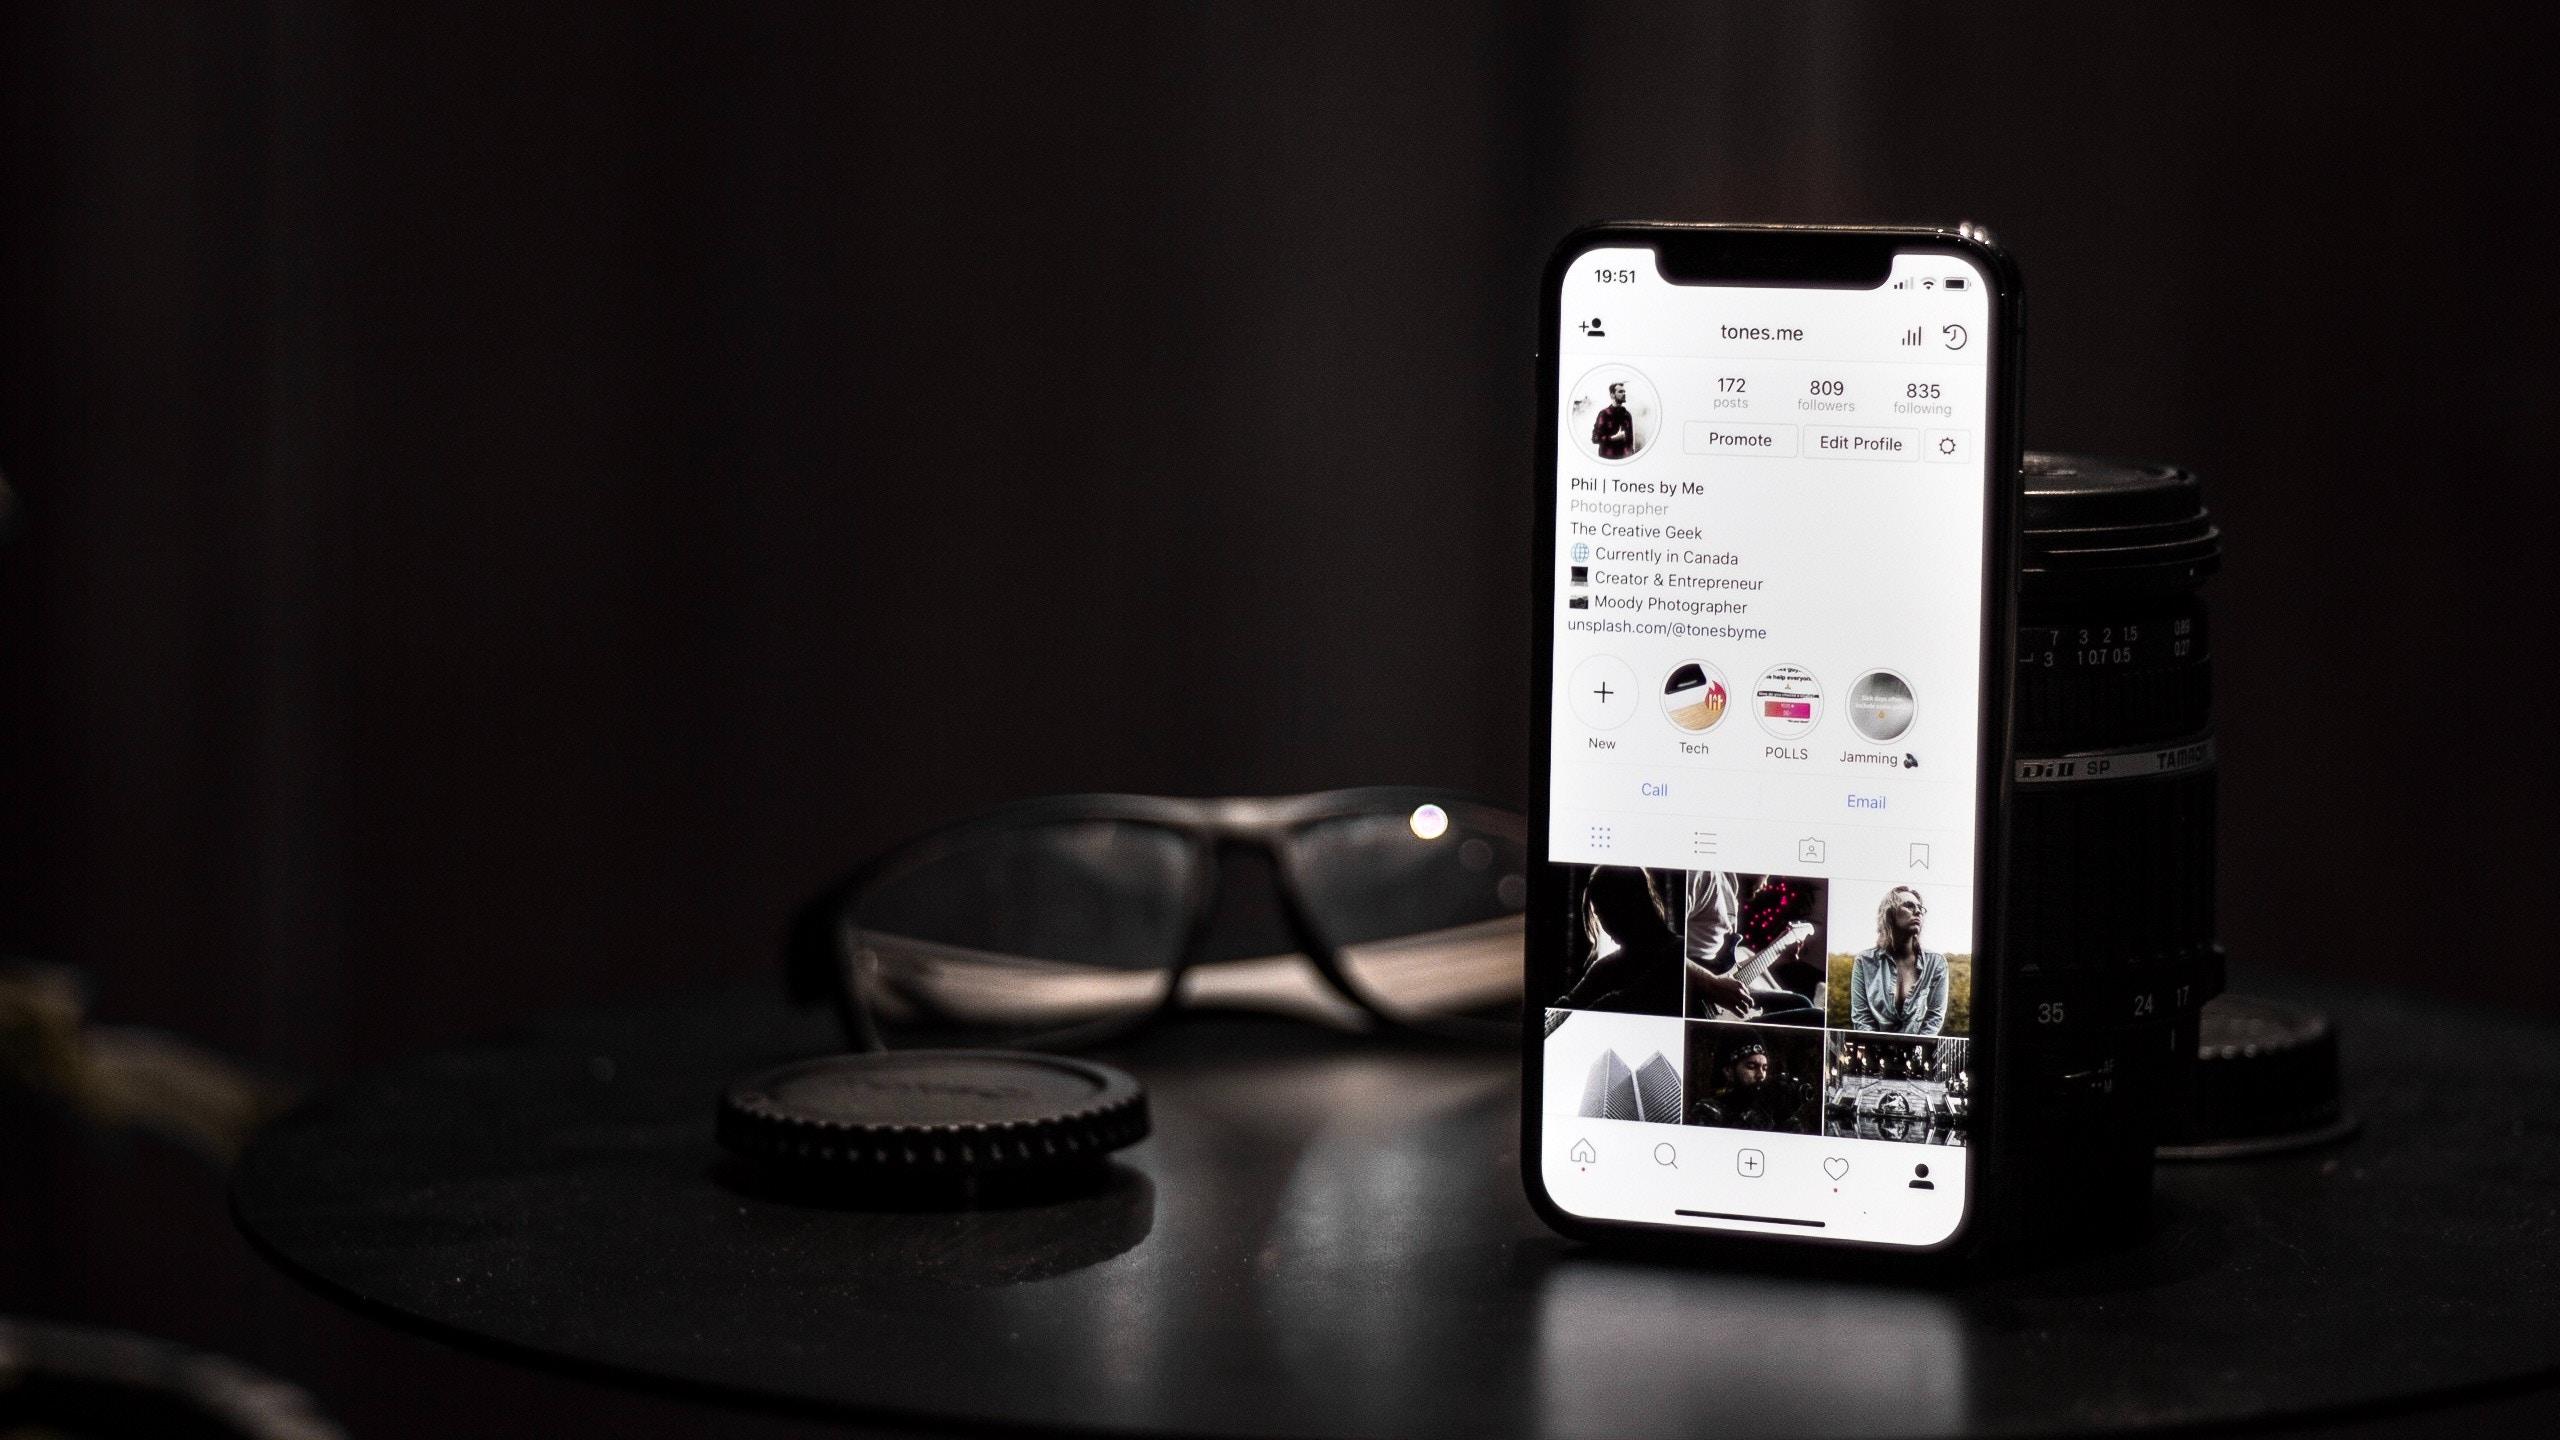 Descubre los mejores filtros y herramientas de Instagram para lograr fotos como si fueras un fotógrafo profesional.